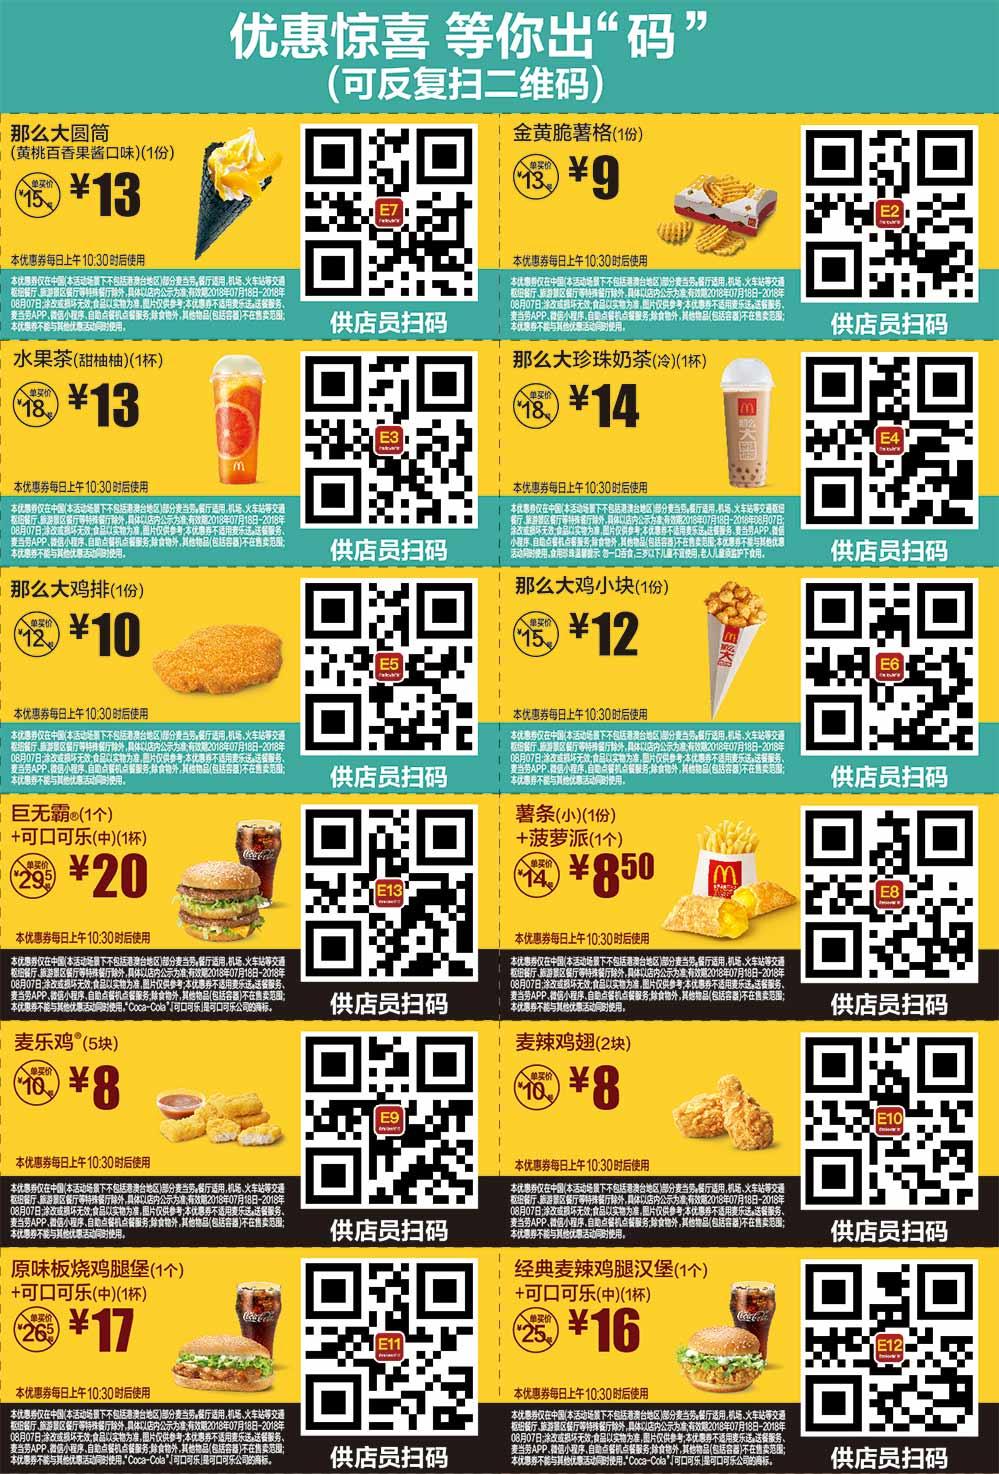 优惠券图片:2018年7月8月麦当劳优惠券手机版整张版本,点餐出示给店员扫码享优惠价 有效期2018年07月18日-2018年08月7日